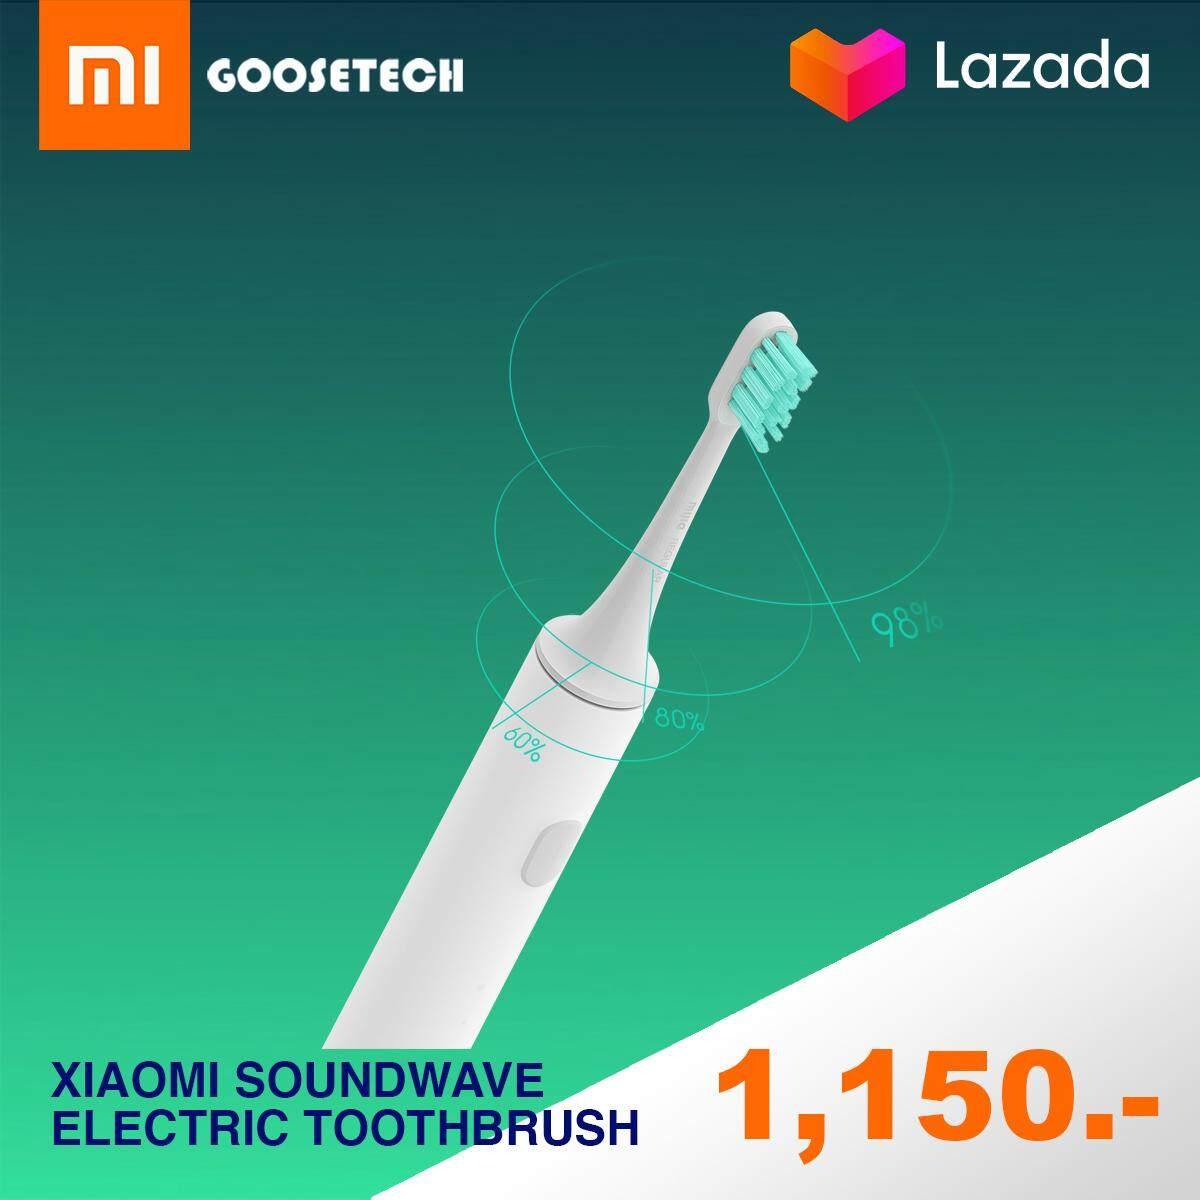 แปรงสีฟันไฟฟ้า ช่วยดูแลสุขภาพช่องปาก นครสวรรค์ Mi Electric Toothbrush แปรงสีฟันไฟฟ้า